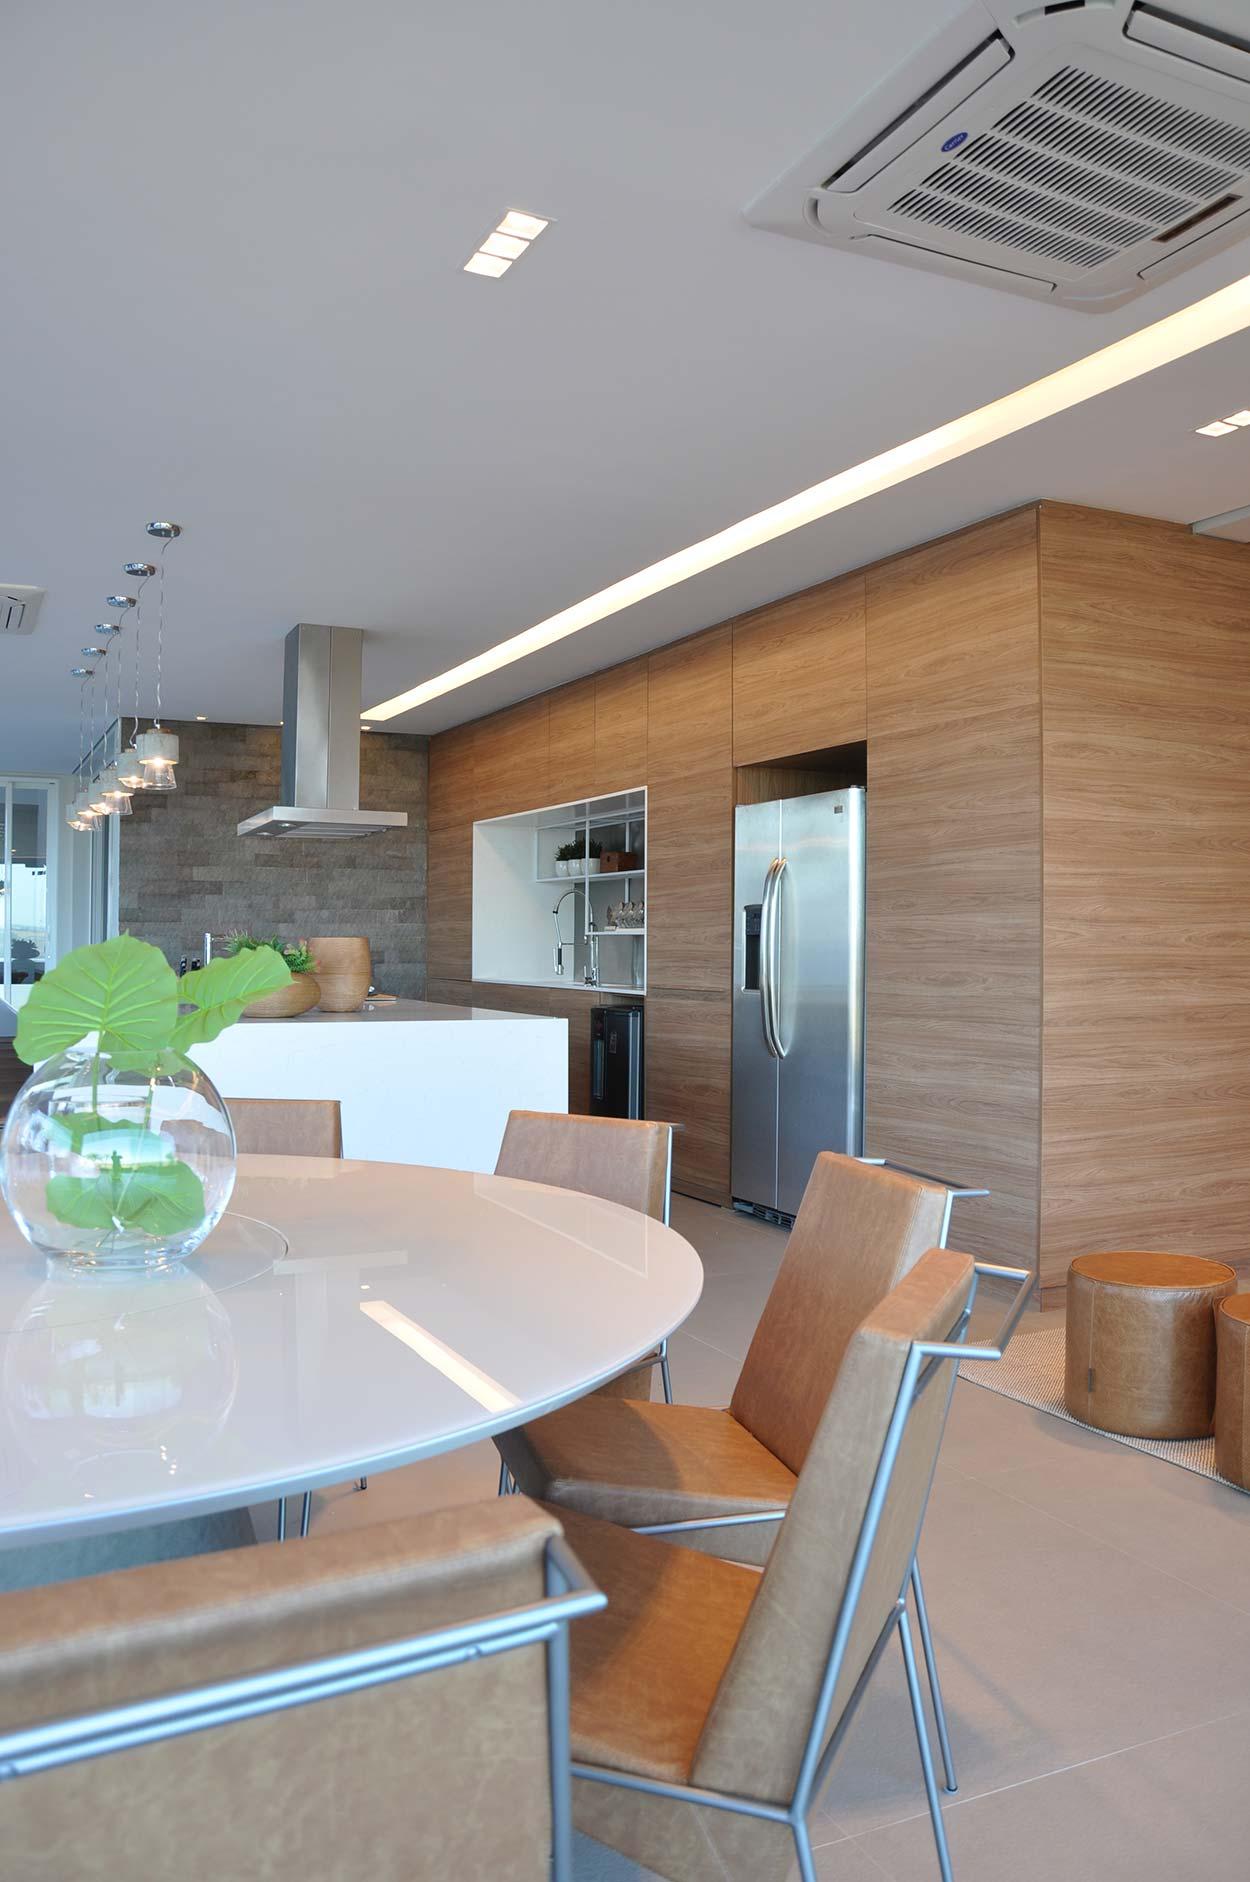 veridianaperes-interiores-residenciaFF16